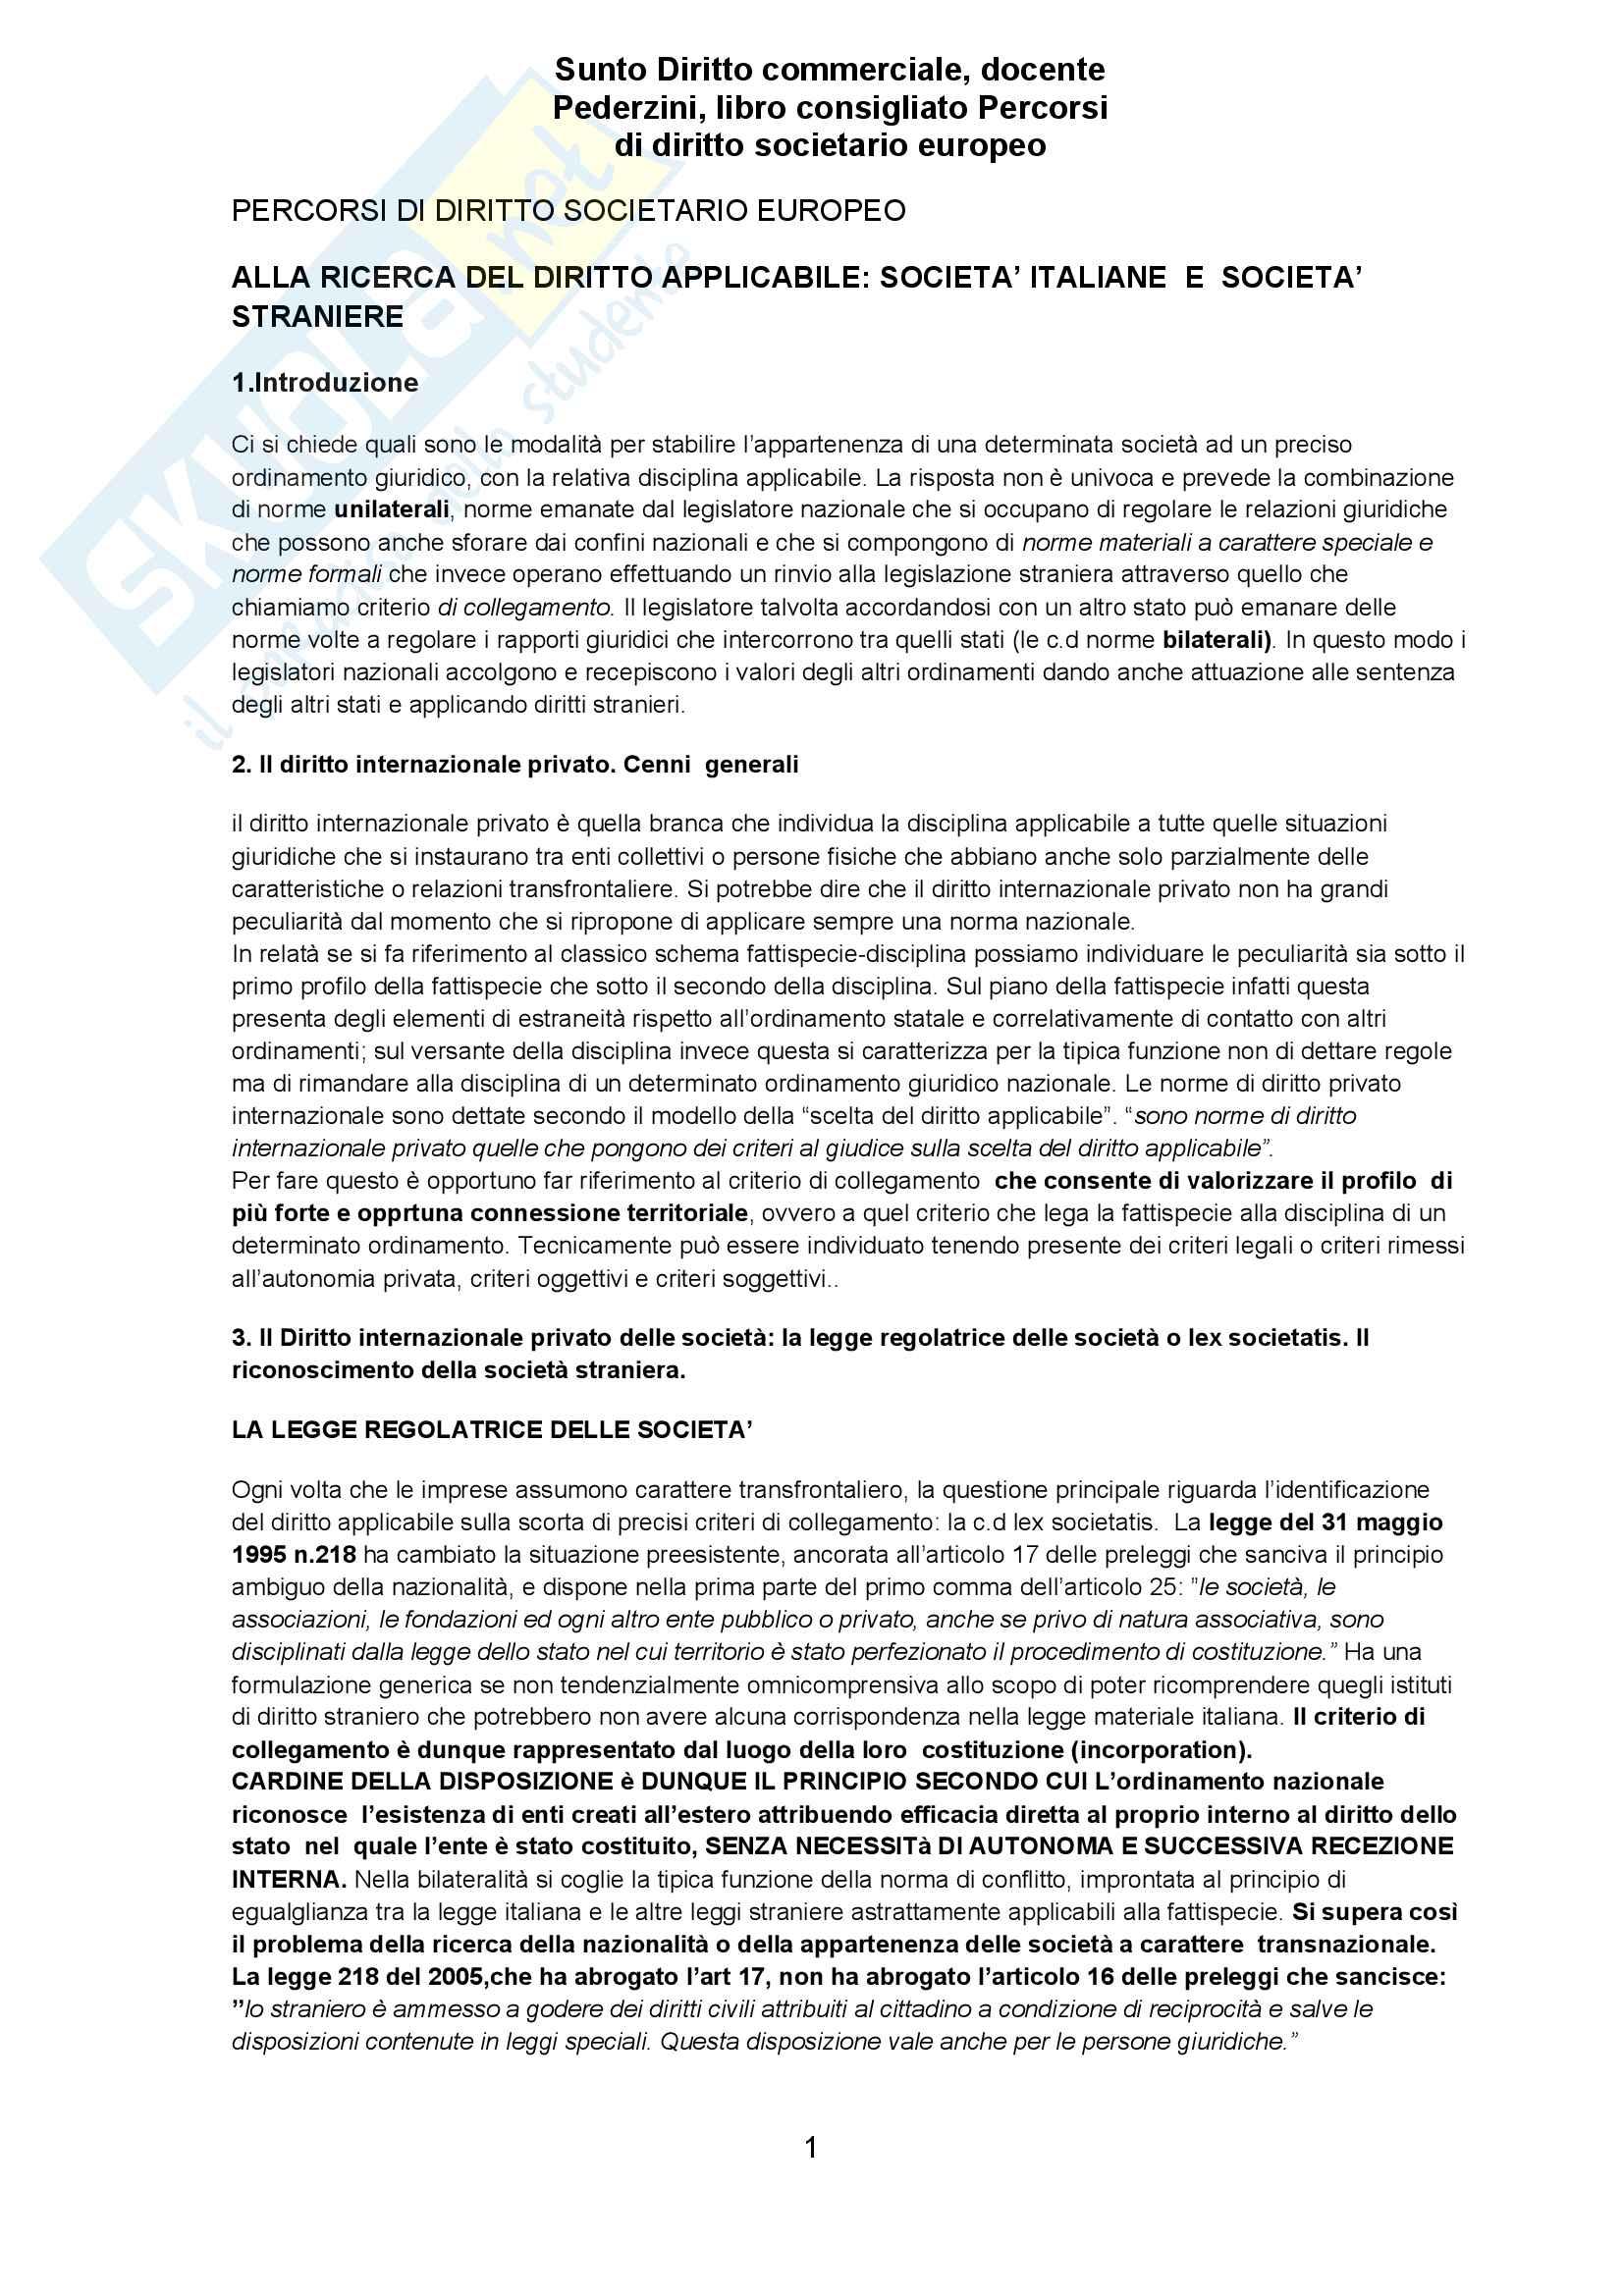 Riassunto esame Diritto commerciale, docente Pederzini, libro consigliato Percorsi di diritto societario europeo